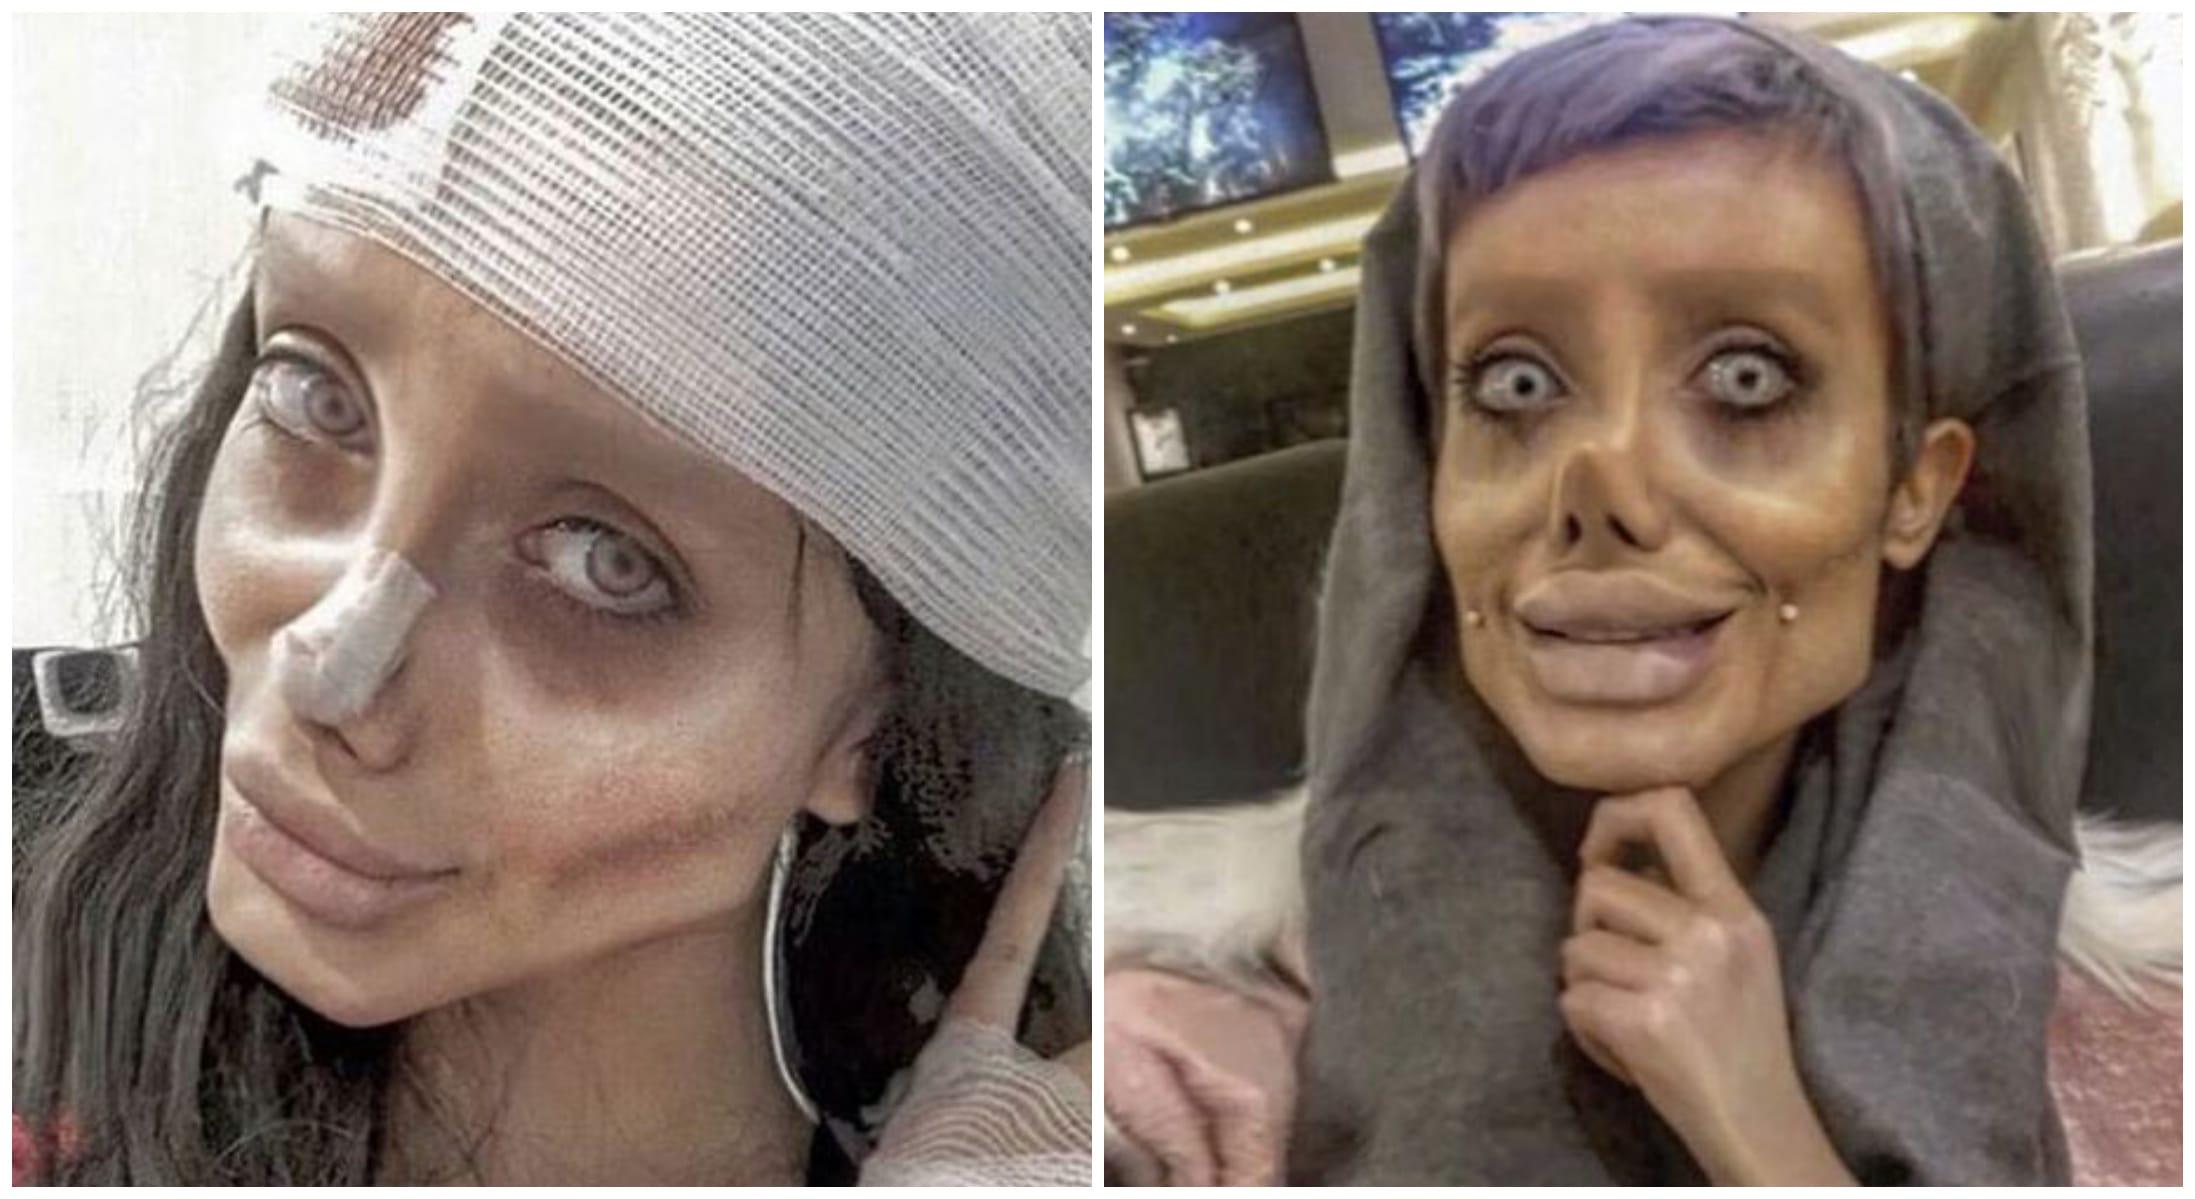 Angelina Jolie : son sosie 'zombie' lui demande de l'aide, elle risque 10 ans de prison